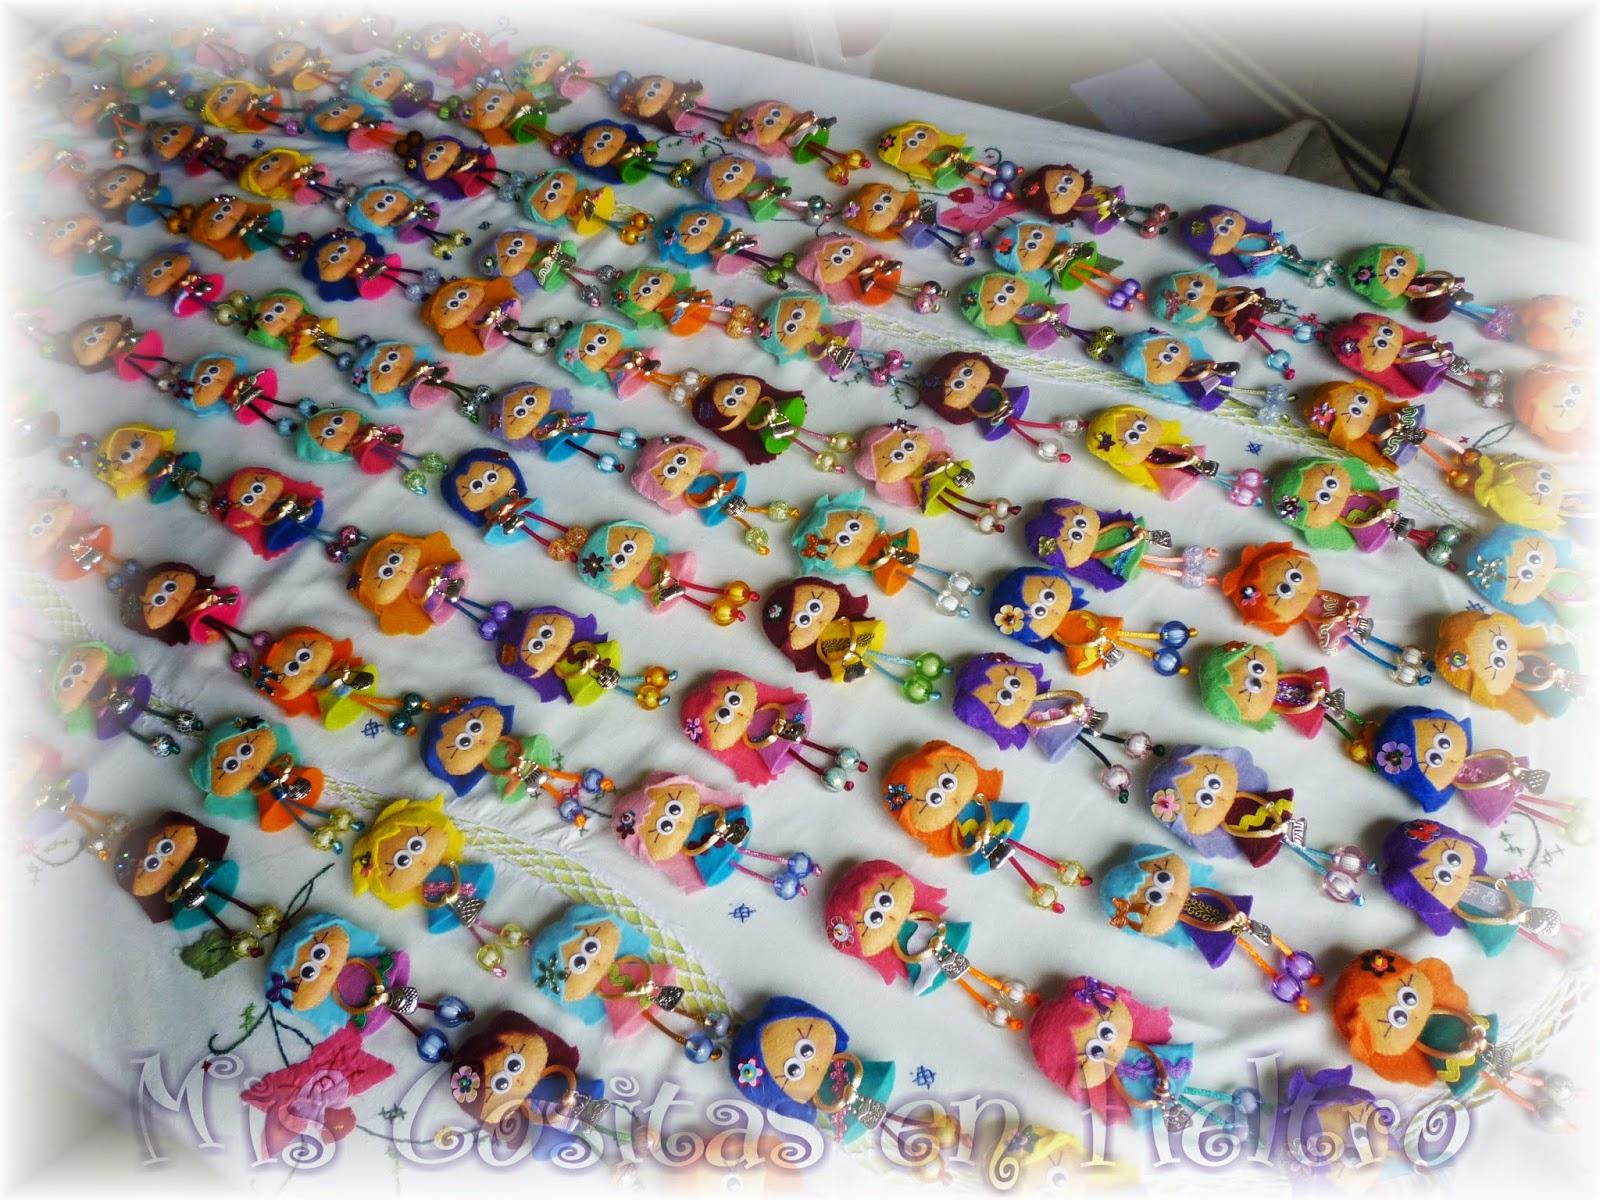 broche de fieltro, muñeca de fieltro, felt pin, felt art, Pequechiña, pequechiñas, niña fieltro, broche en fieltro, primera comunión fieltro, souvenir, regalo, detalle, souvenir boda